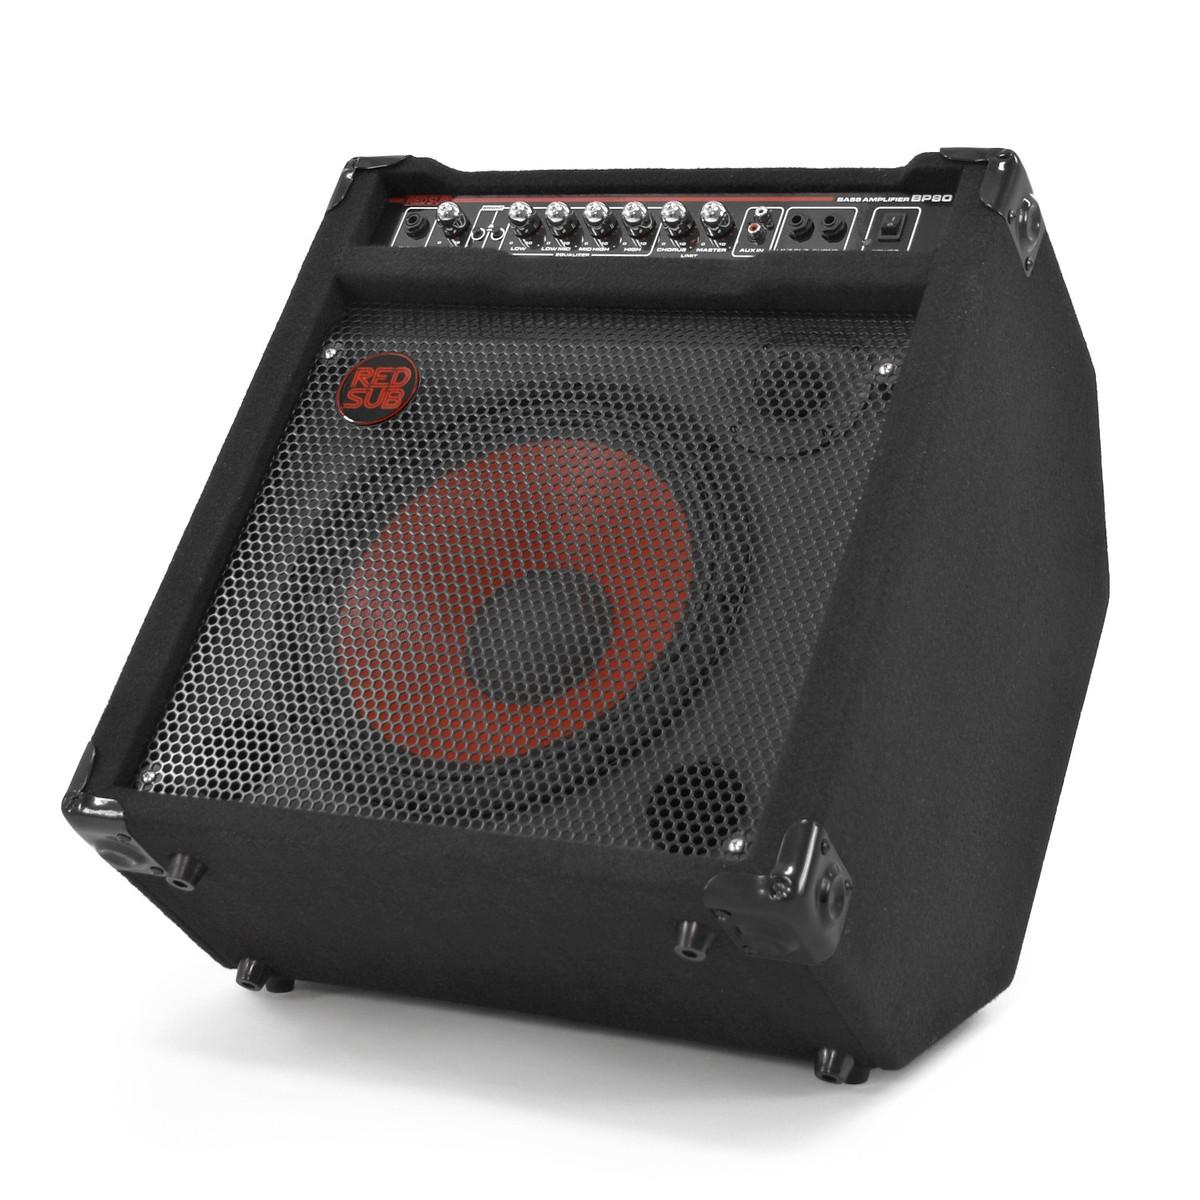 Bass Guitar To Amp : redsub bp80 80w bass guitar amplifier b stock at ~ Hamham.info Haus und Dekorationen